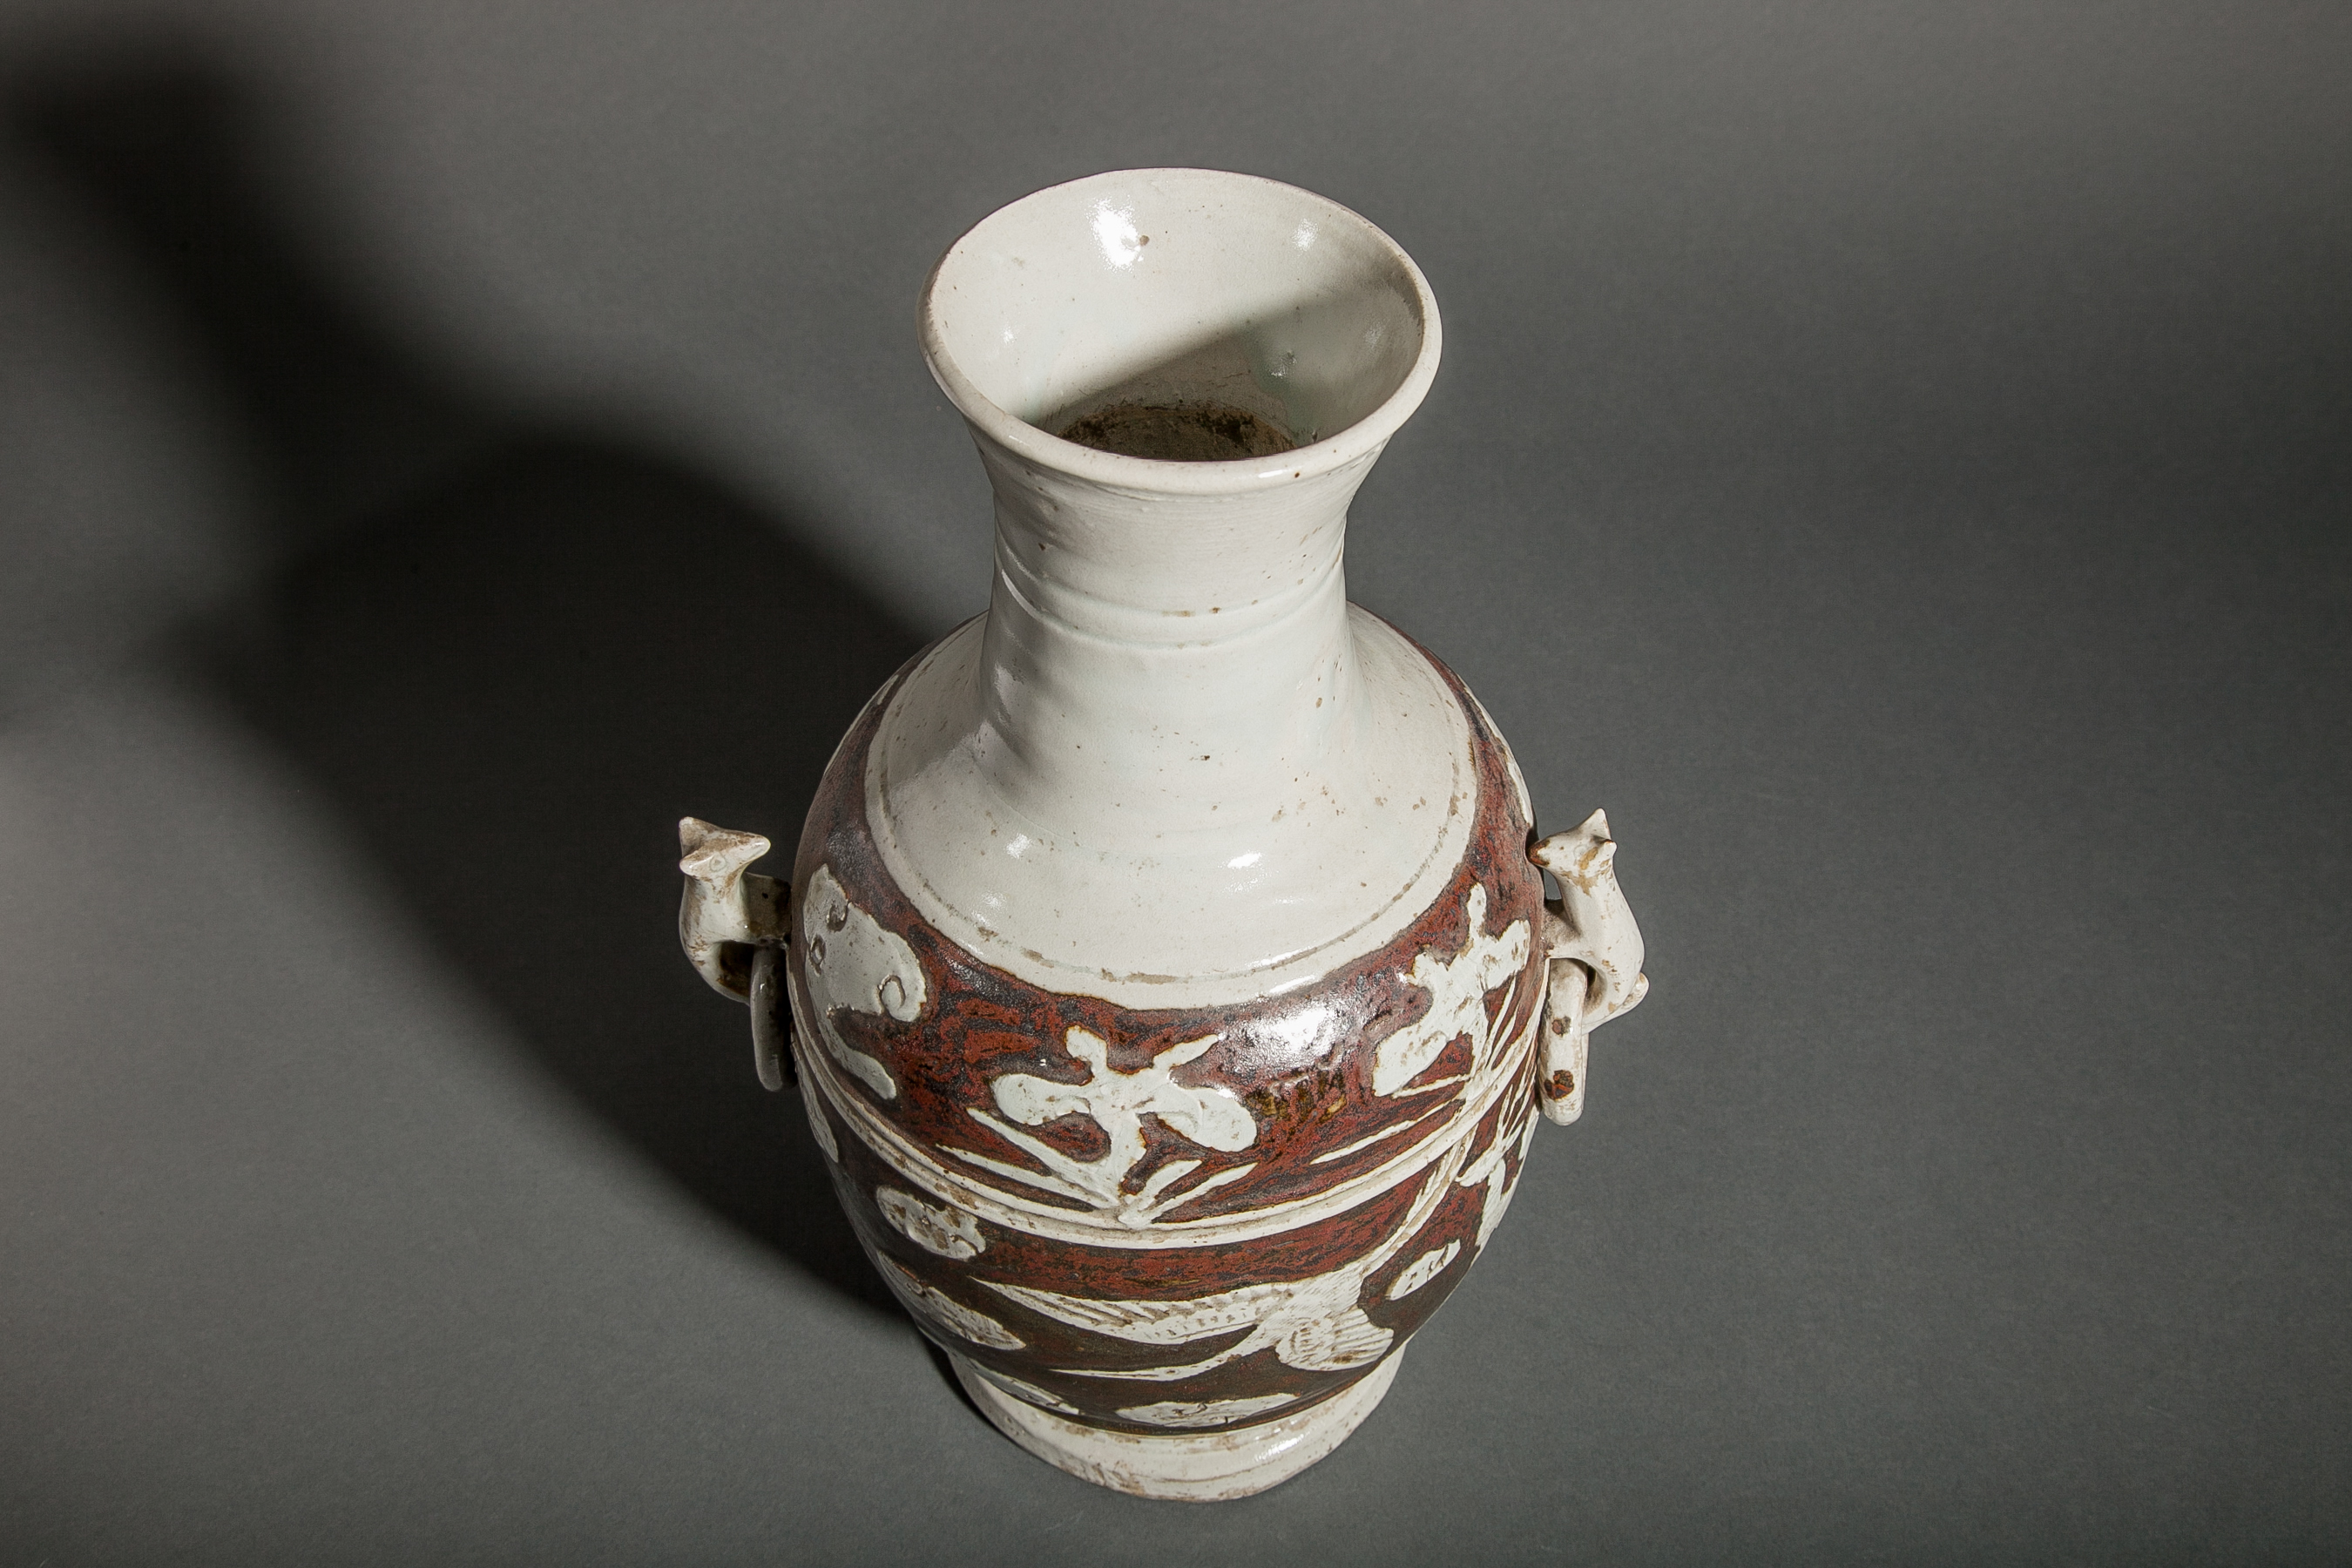 Korean Antique White and Iron Glaze Vase